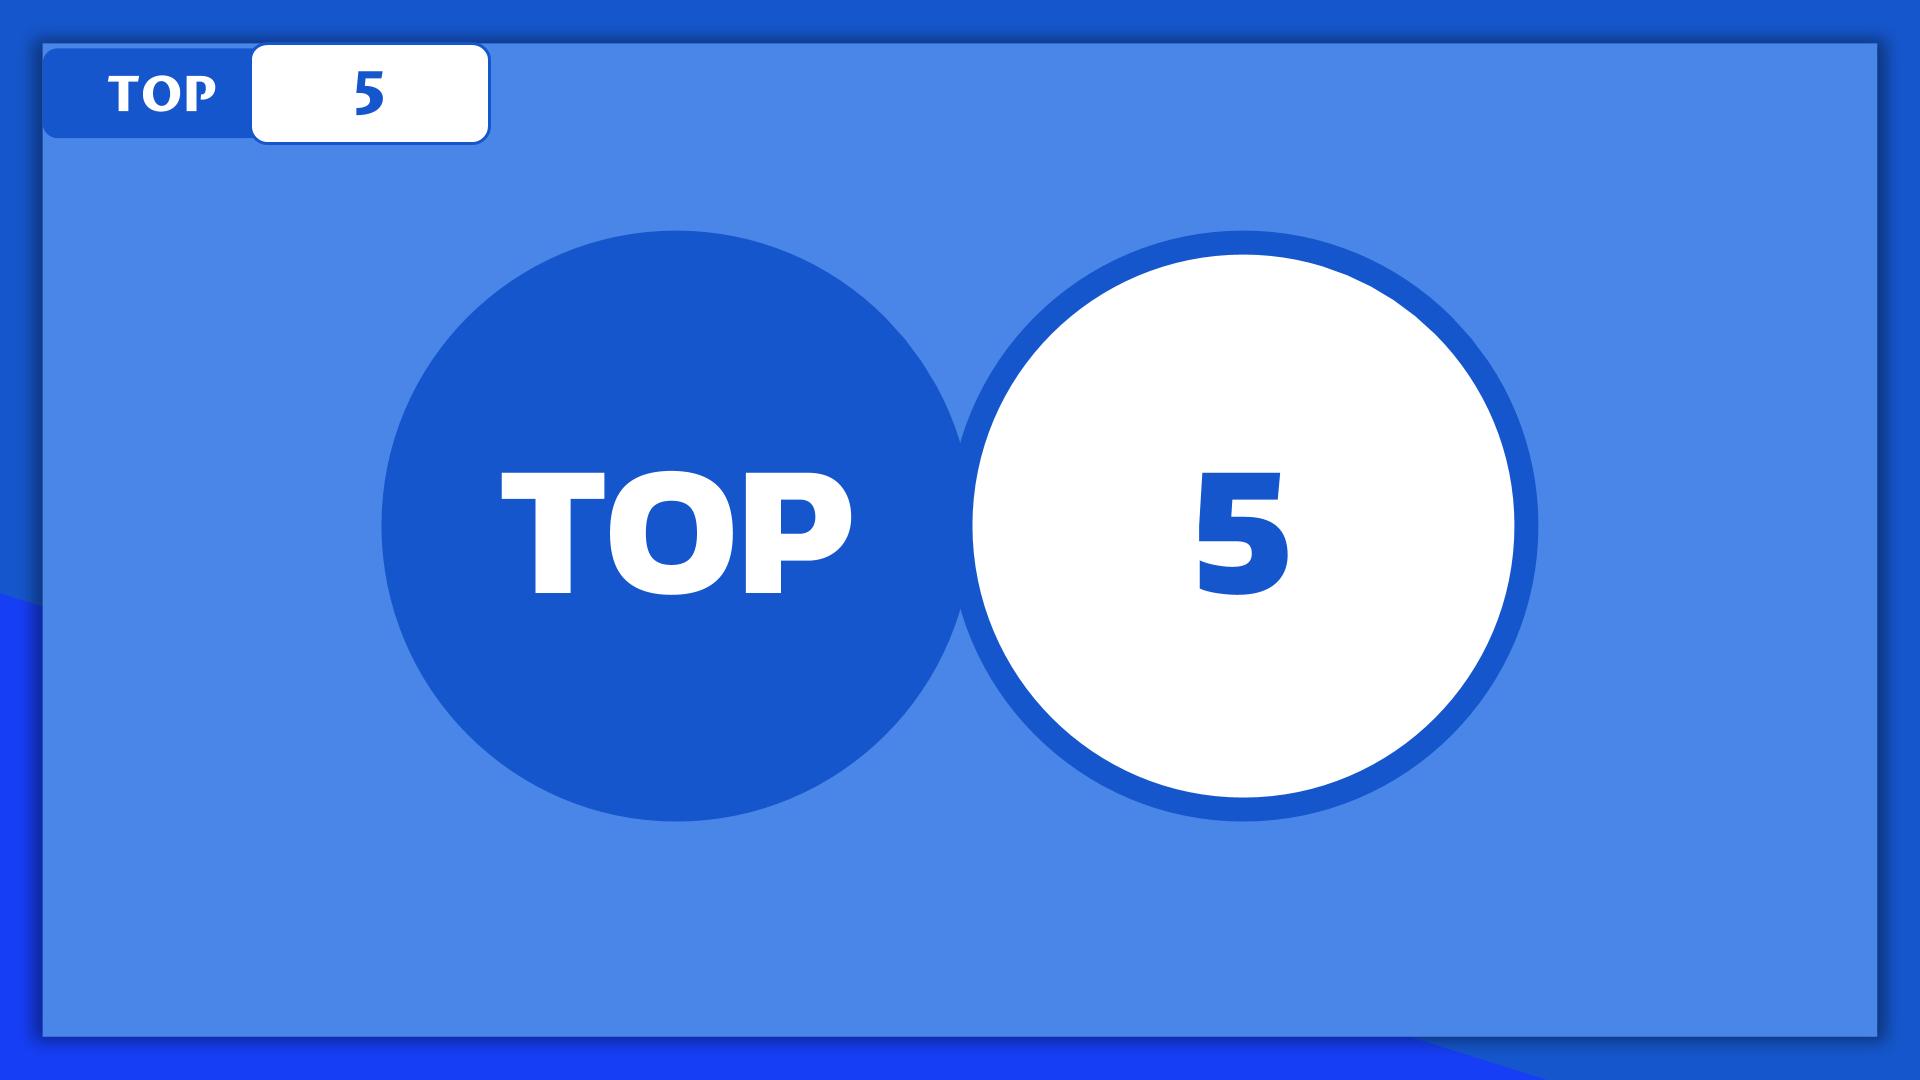 Le Top 5 du Top